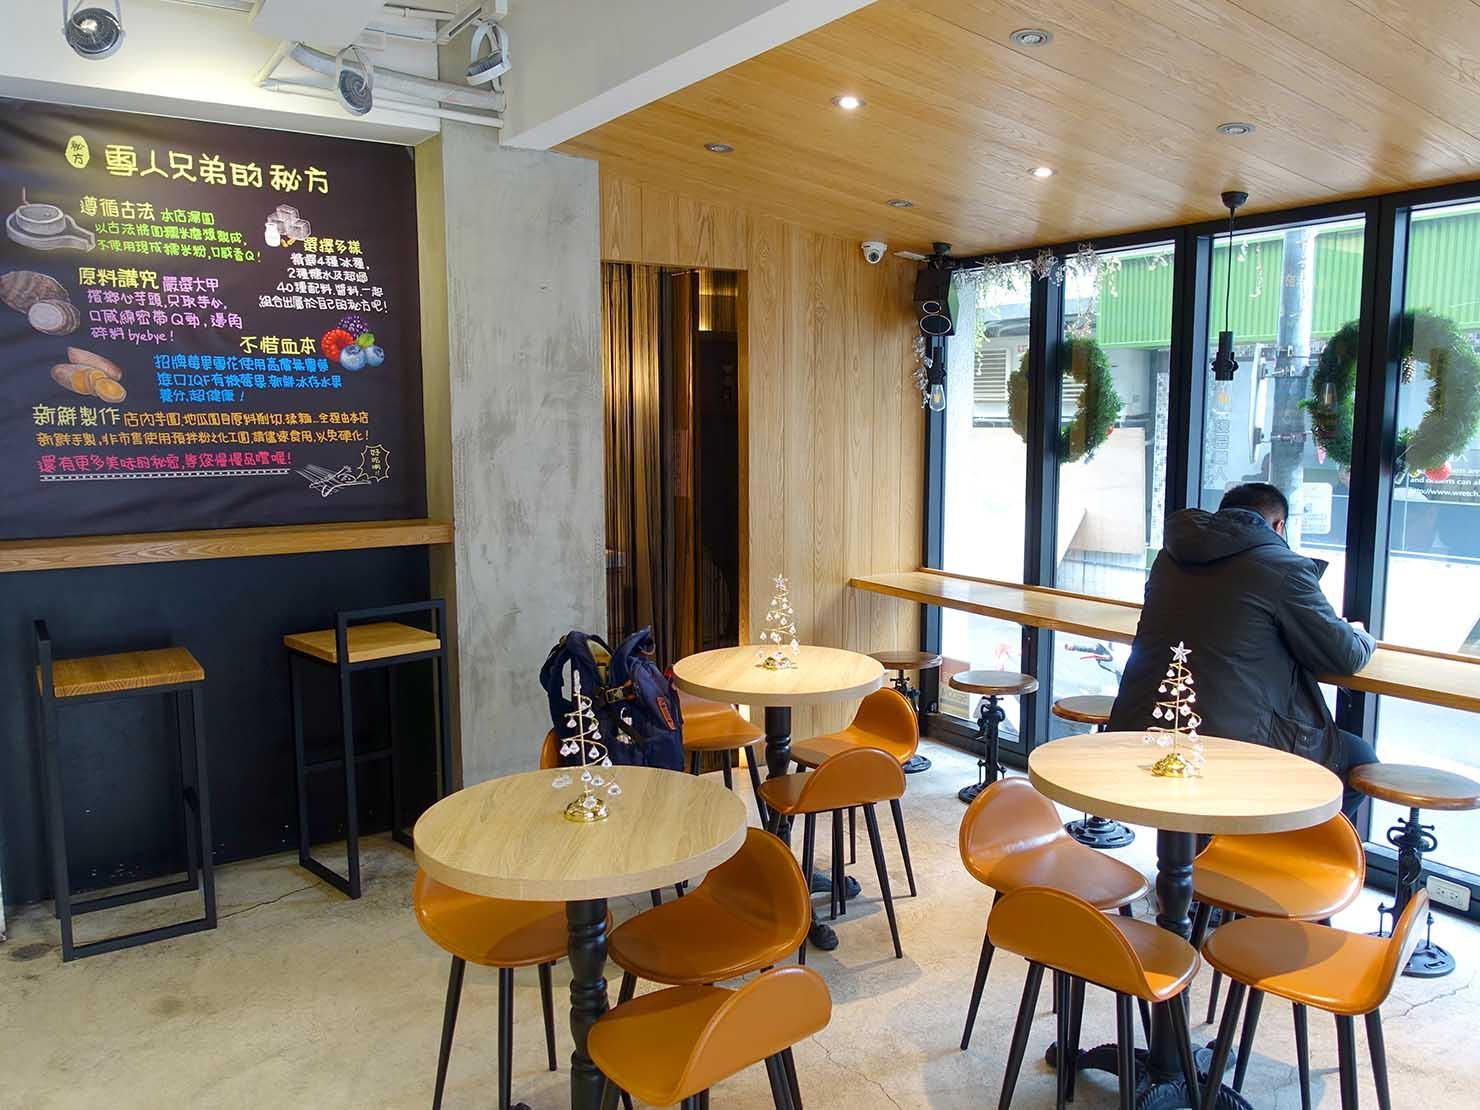 台北・大安駅周辺のおすすめ台湾スイーツ店「雪人兄弟」の店内